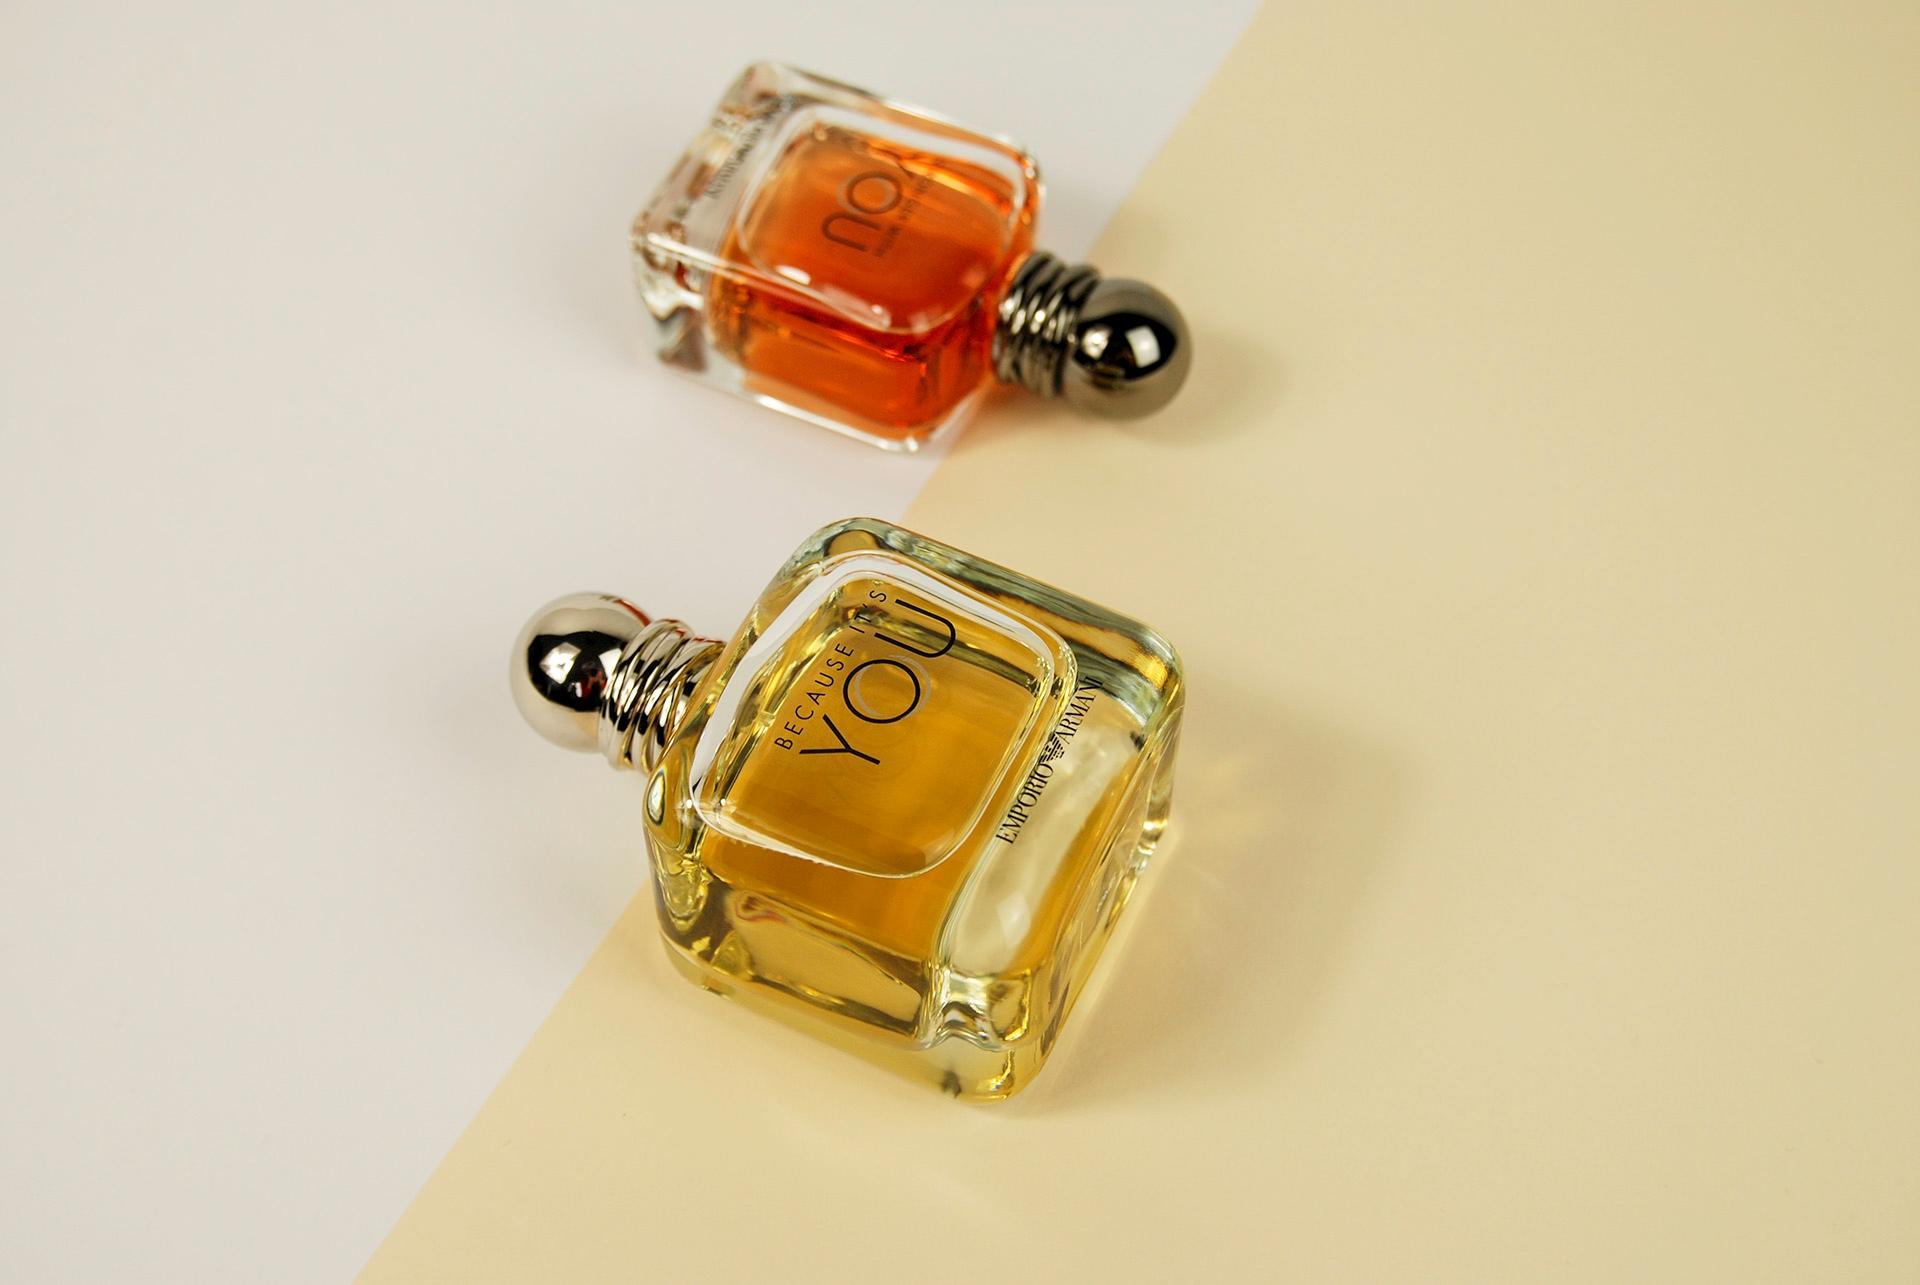 Zdjęcie przedstawia flakony perfum leżące na jasnym podłożu, kadr zdjęcia przebiega po skosie.